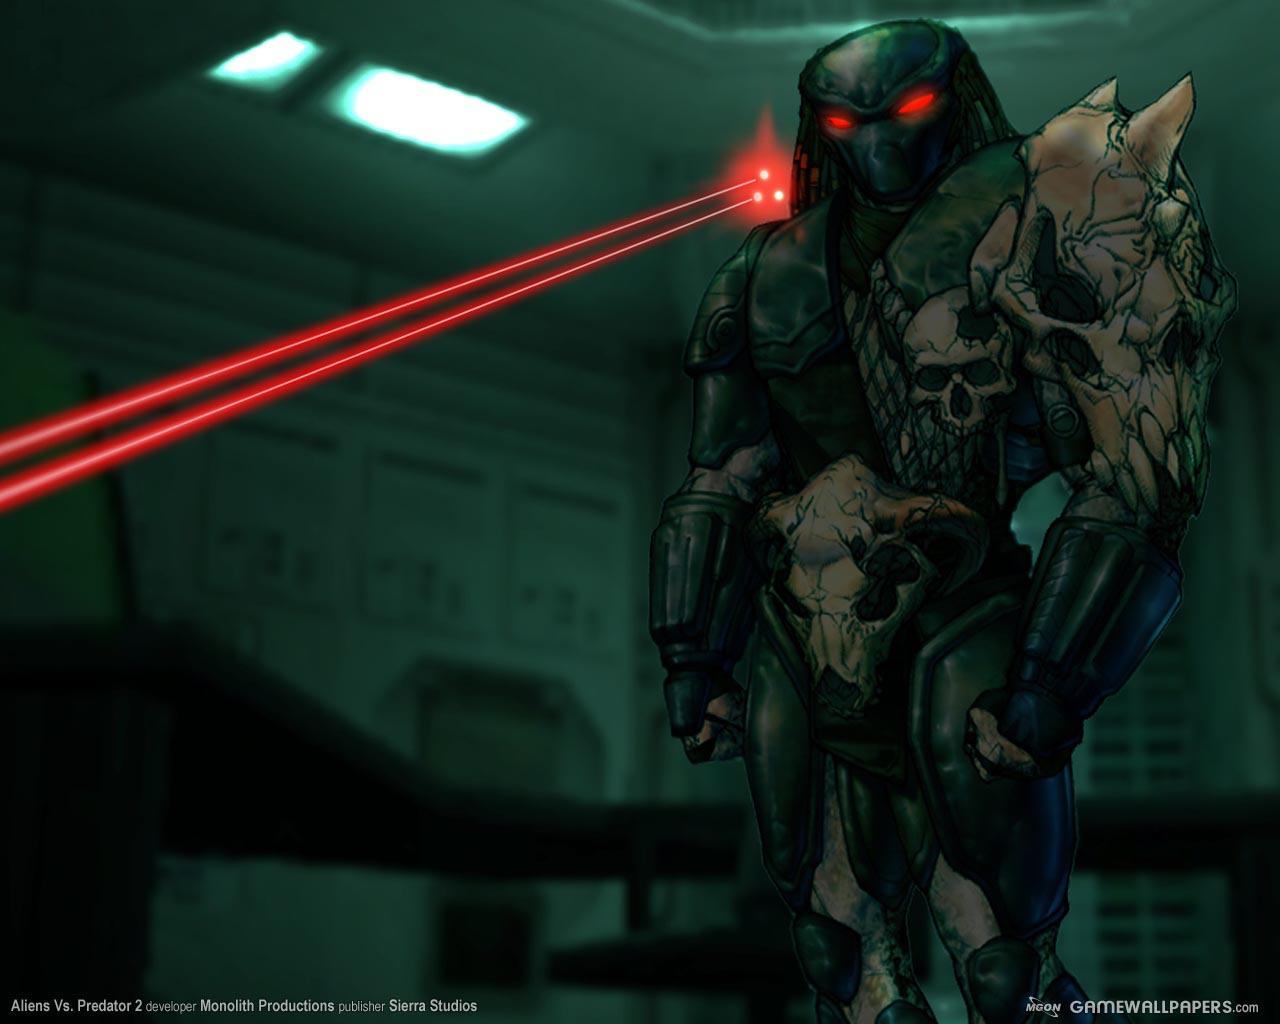 http://4.bp.blogspot.com/_ahWa4F79x9k/TOBtMQKOfsI/AAAAAAAAAB0/ACoJjMx21s8/s1600/Alien-Vs-Predator-Juego-11280.jpg